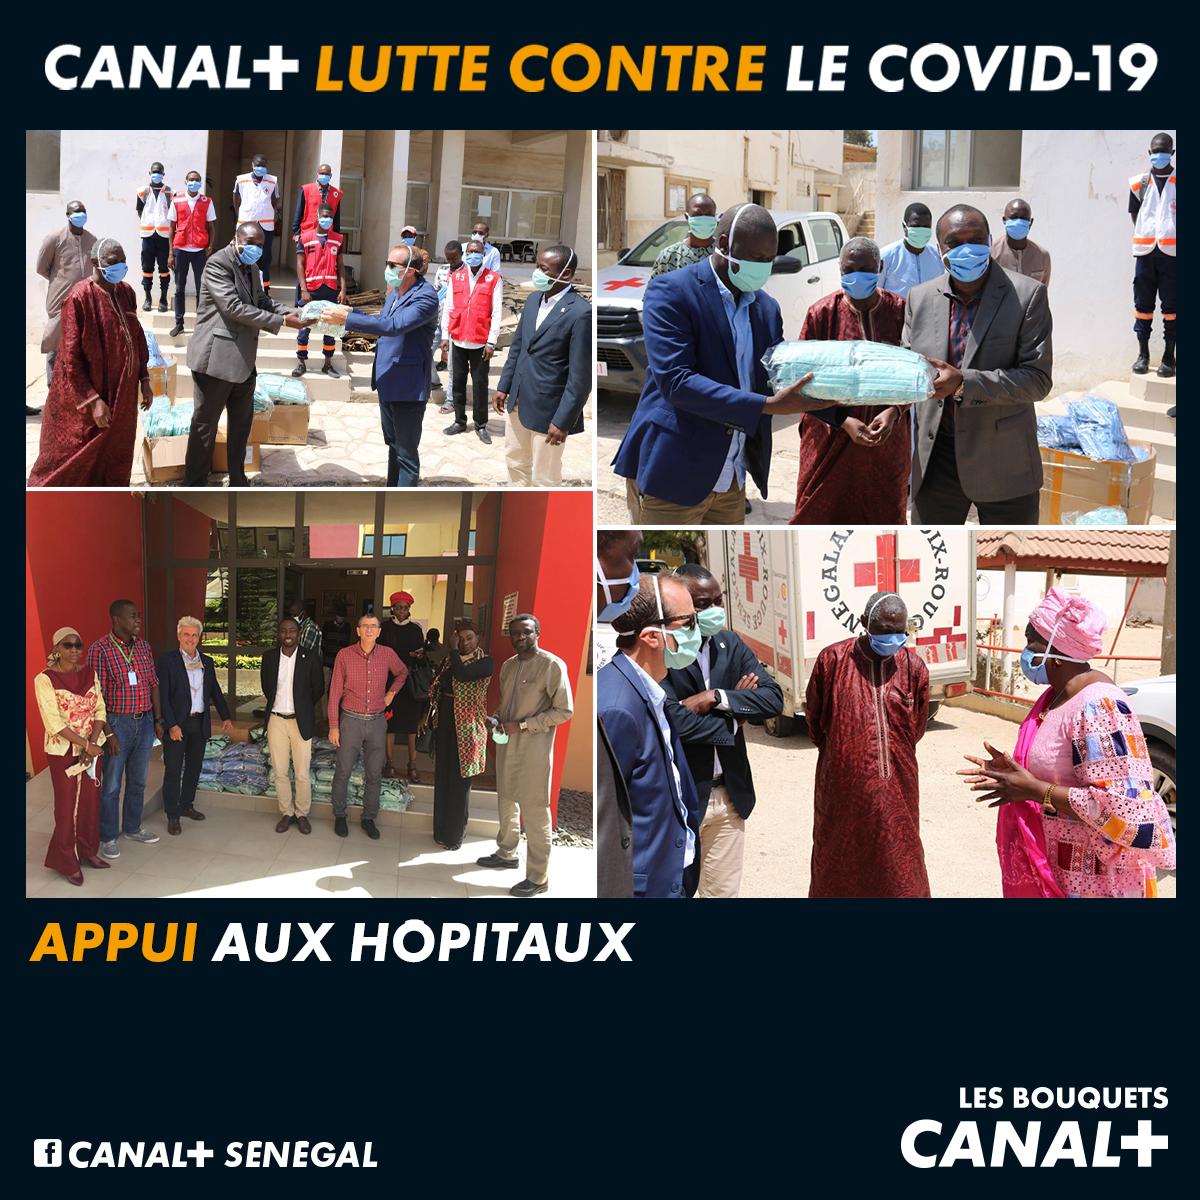 Visio conférence de presse/Canal+Encore+aux côtés de ses abonnés: 20 nouvelles chaînes rejoignent les bouquets Canal+, toujours au même prix !